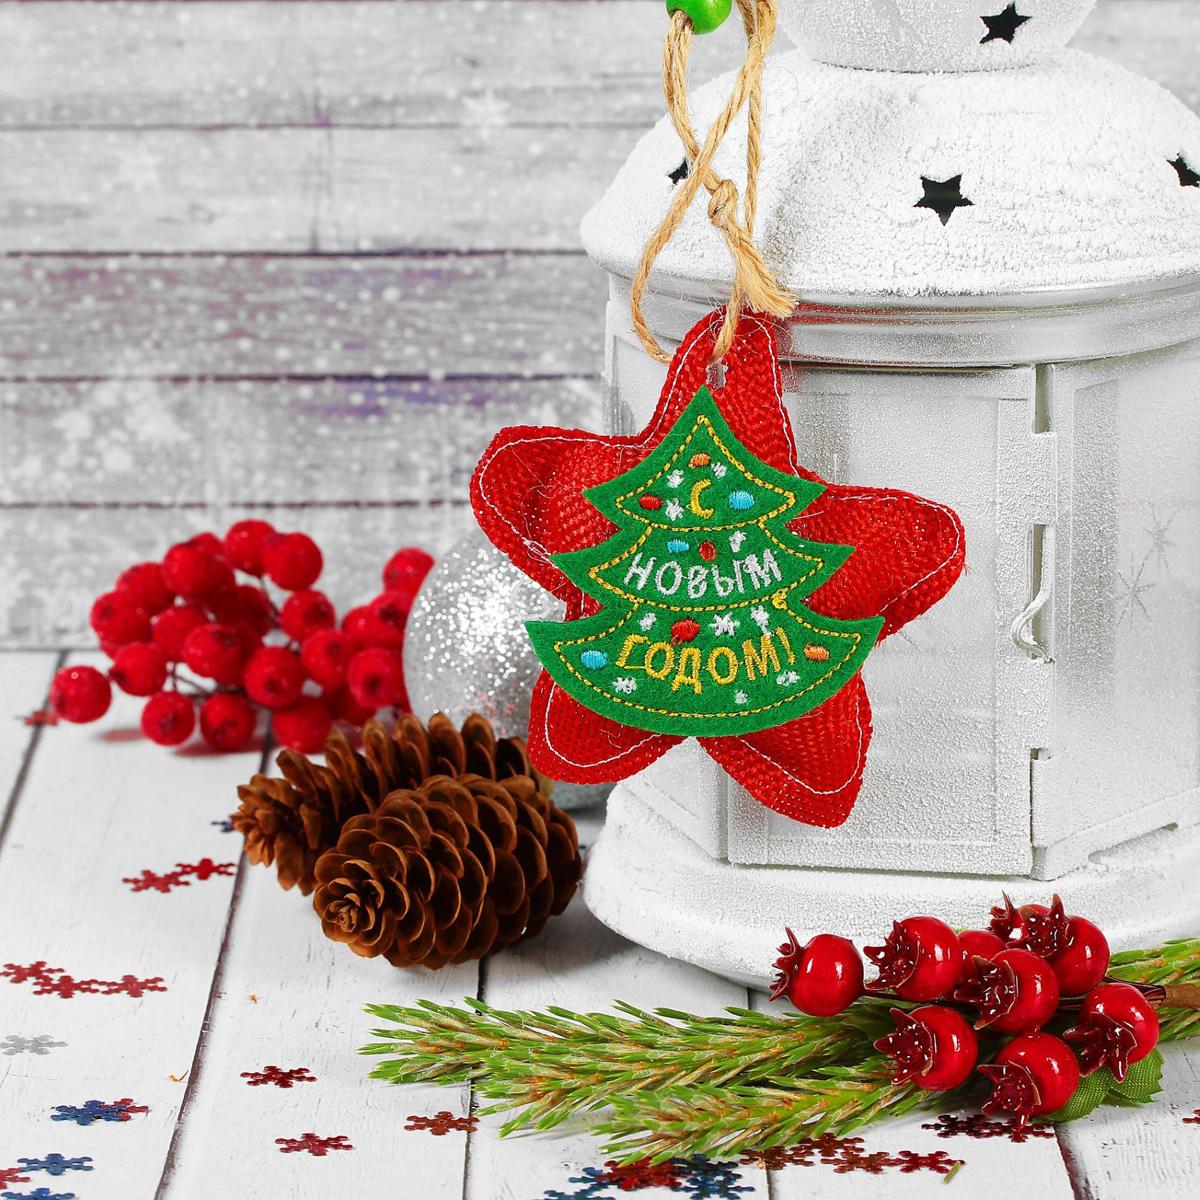 Новогоднее подвесное украшение Страна Карнавалия Счастливого Нового года. Звездочка2293116Новогоднее подвесное украшение Страна Карнавалия, выполненное из текстиля, украсит интерьер вашего дома или офиса в преддверии Нового года. Оригинальный дизайн и красочное исполнение создадут праздничное настроение. Новогодние украшения всегда несут в себе волшебство и красоту праздника. Создайте в своем доме атмосферу тепла, веселья и радости, украшая его всей семьей.